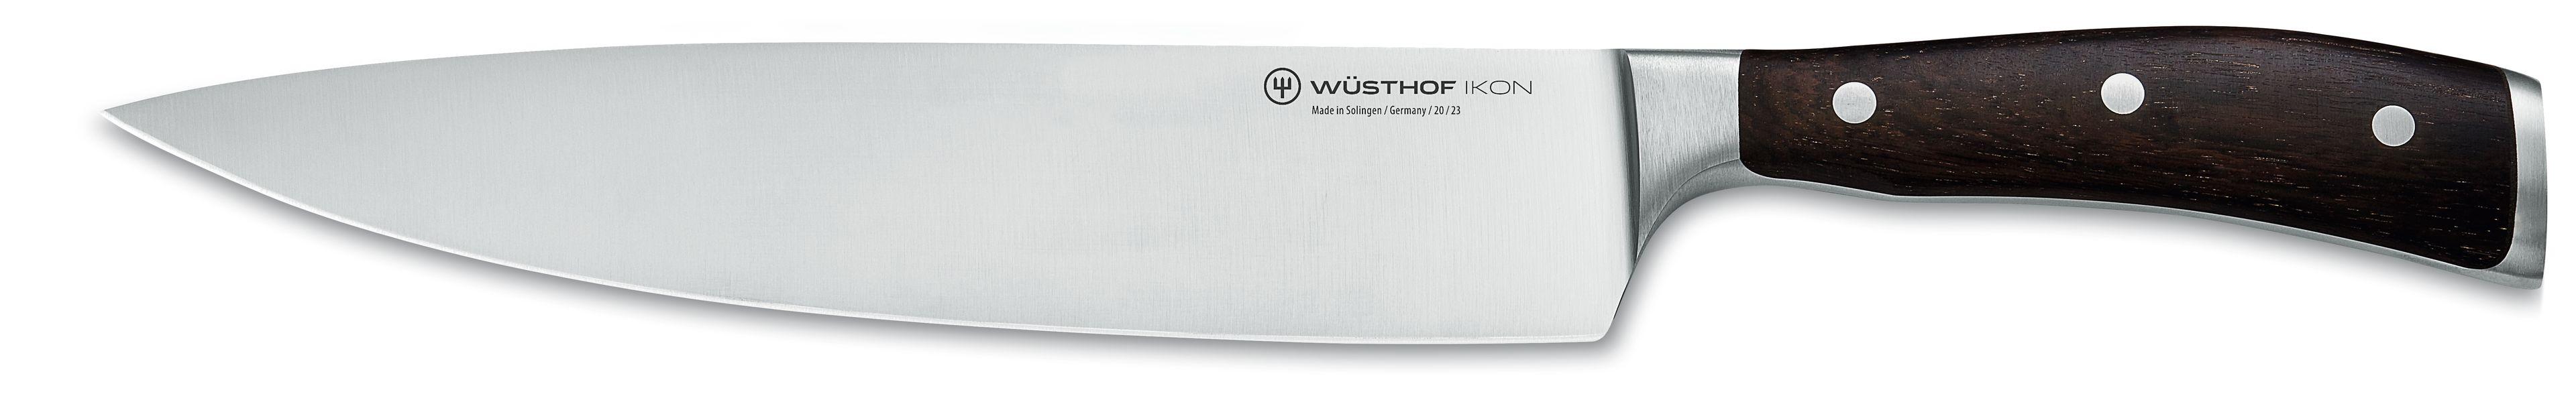 Wüsthof Kochmesser Ikon 23 cm